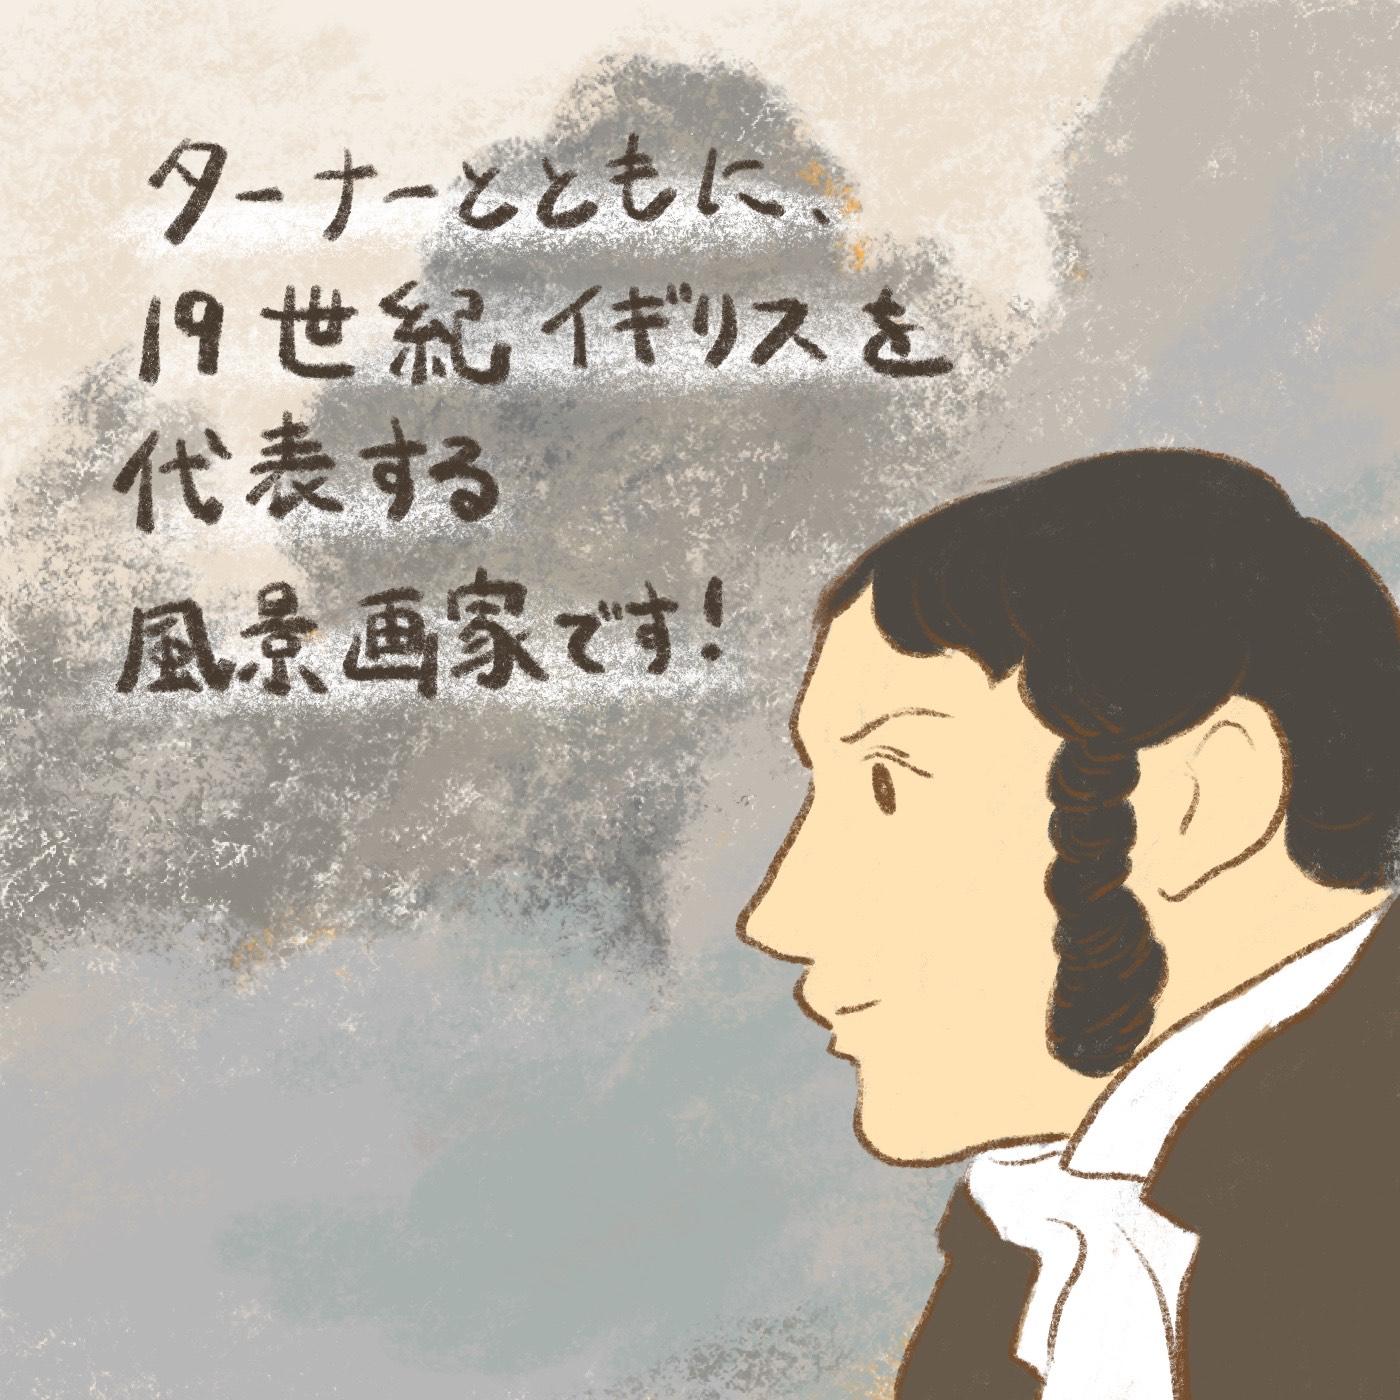 OBIKAKE ナニソレ 三菱一号館美術館 テート美術館所蔵 コンスタブル展